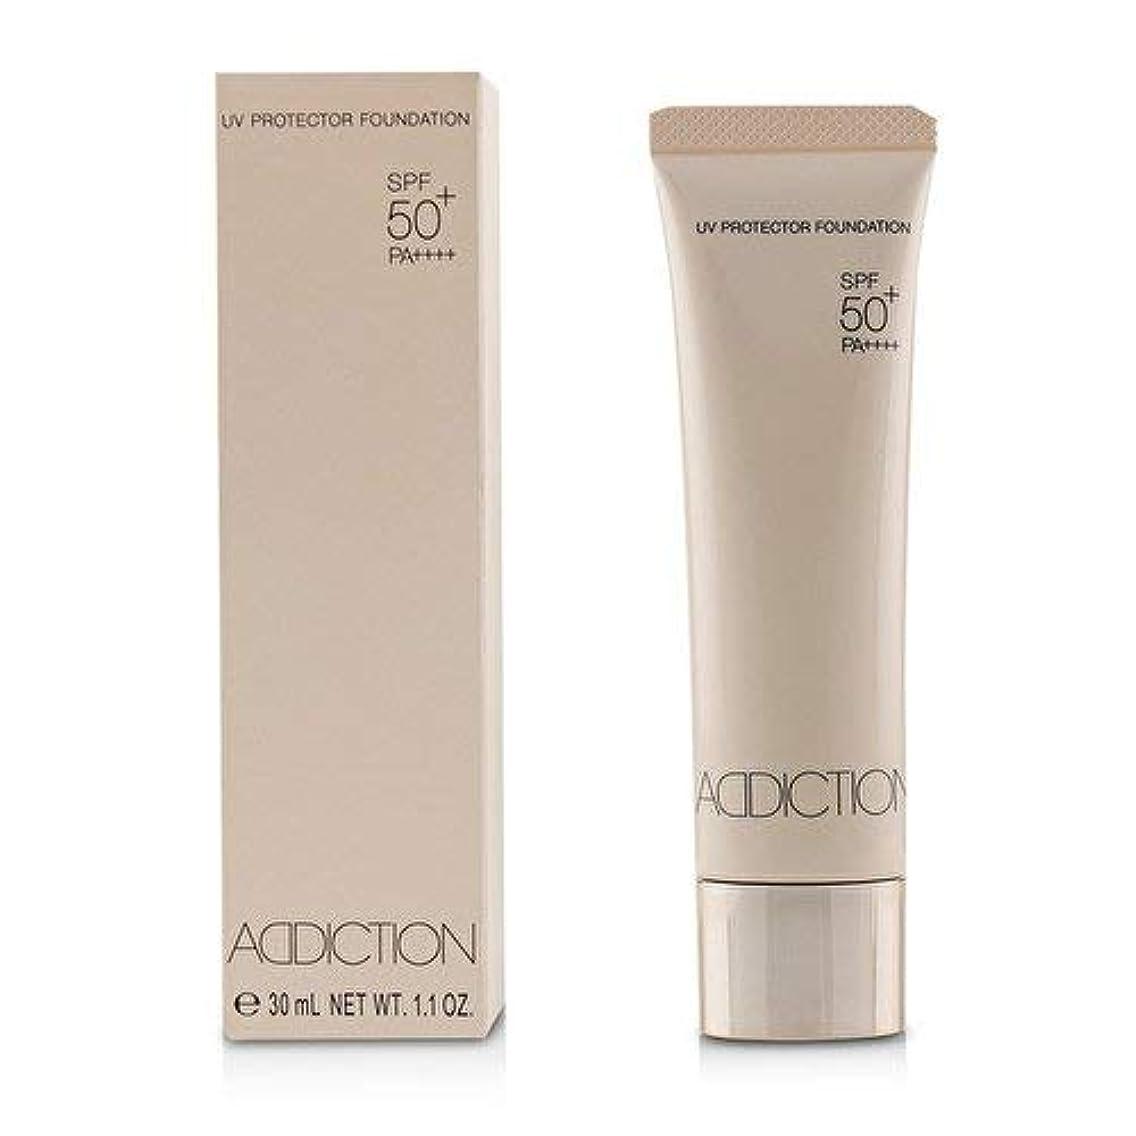 過激派否定する不機嫌そうなアディクション UVプロテクターファンデーション # 005 (Nude Ivory)